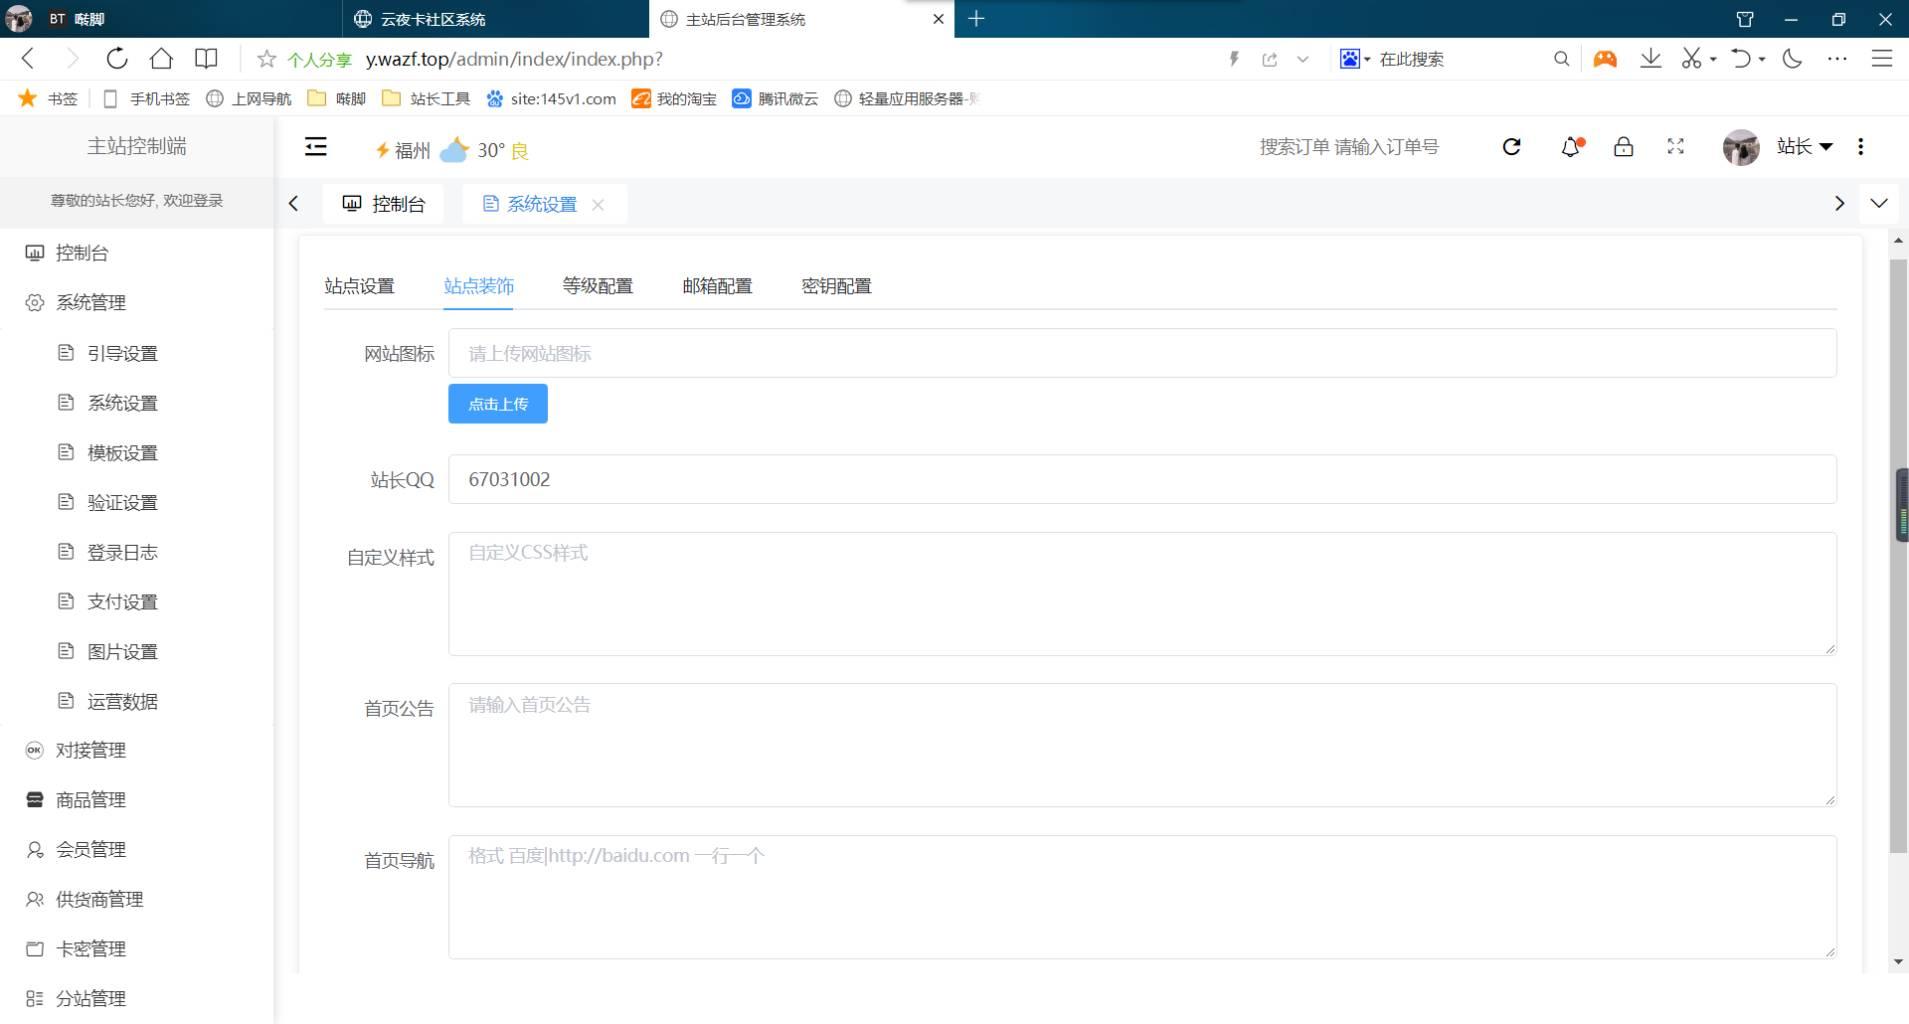 云夜卡社区5.1系统